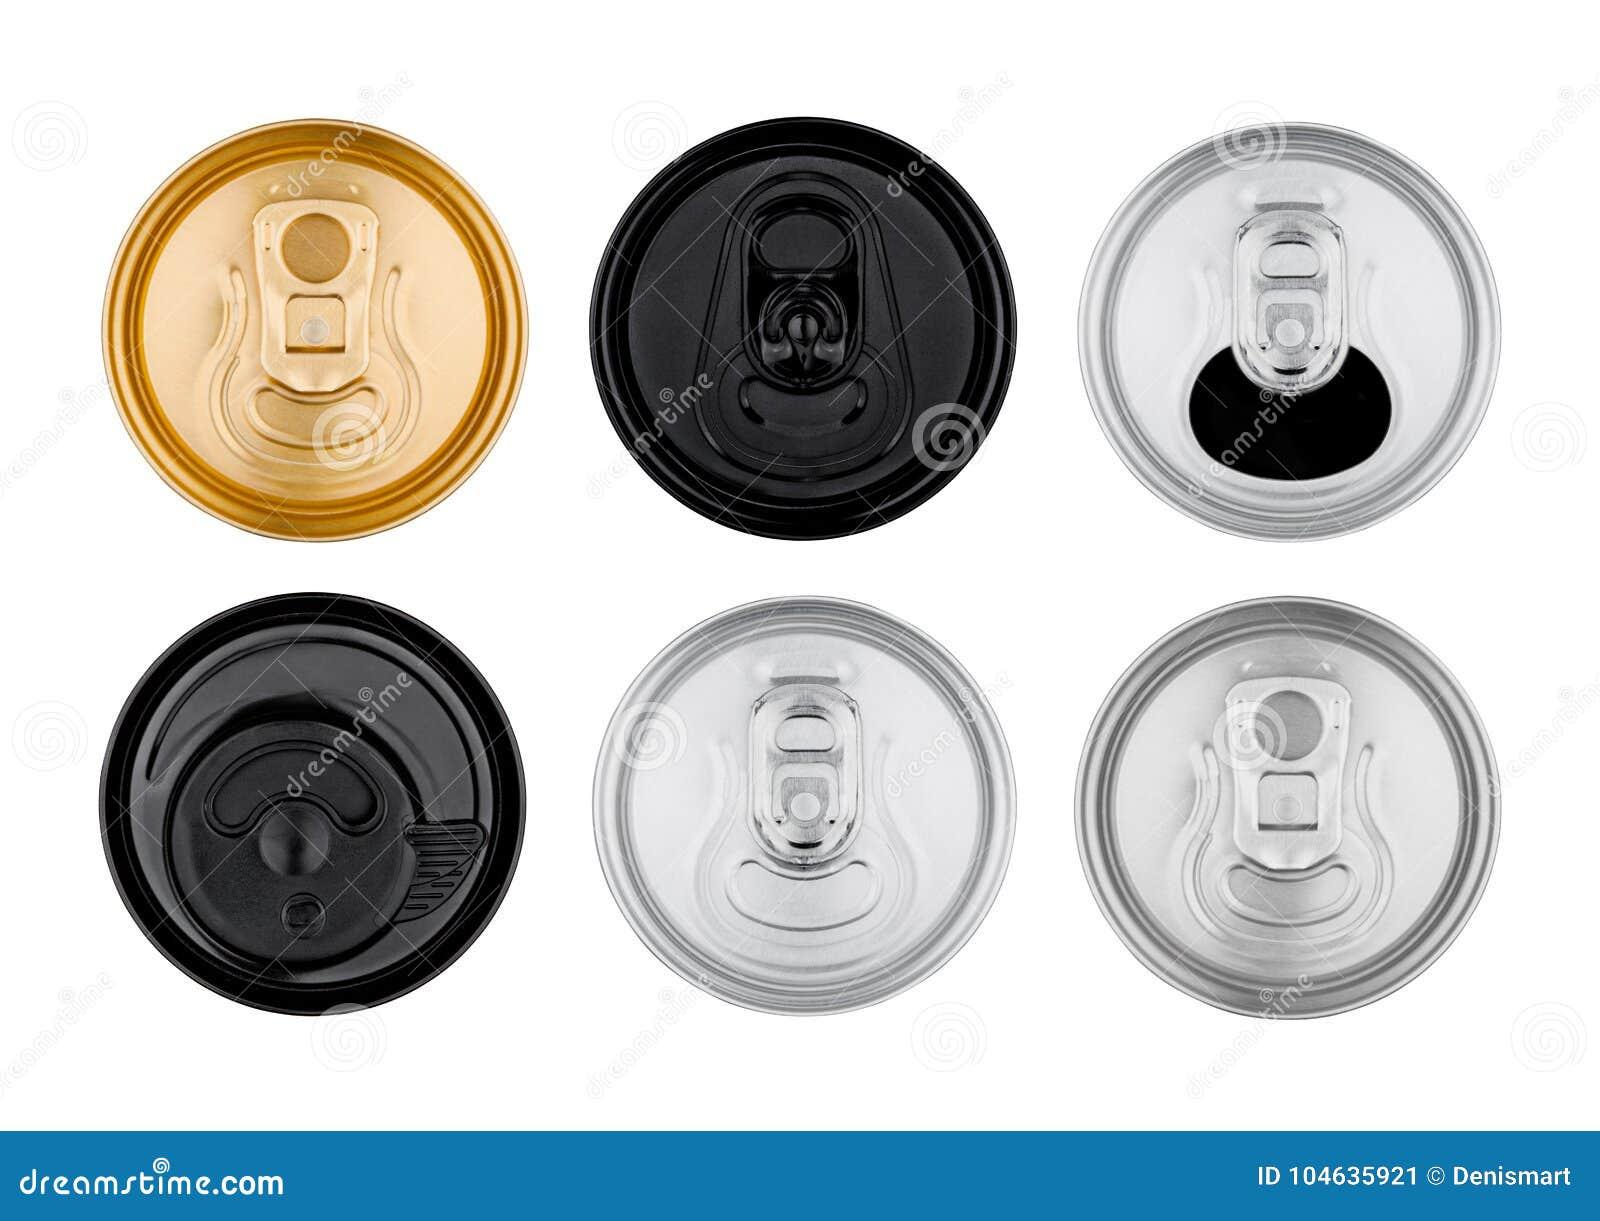 Download Van Het De Dranktin Van De Aluminiumsoda De Hoogste Geïsoleerde Mening Stock Afbeelding - Afbeelding bestaande uit ingeblikt, bier: 104635921